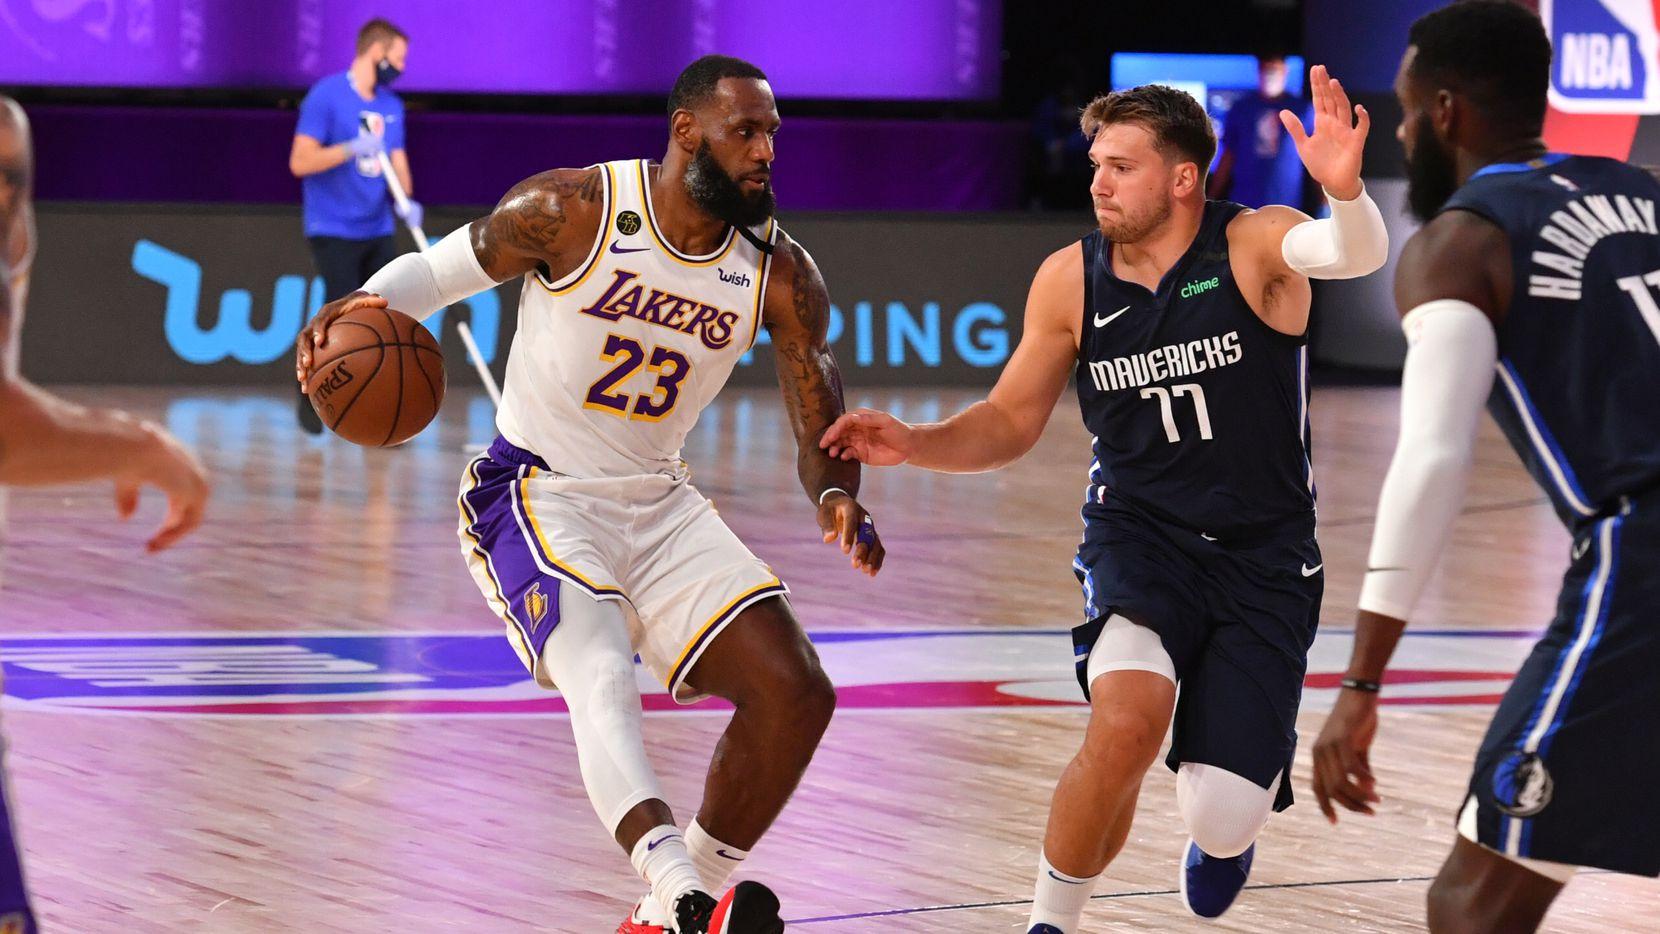 El jugador de los Dallas Mavericks, Luka Doncic (77), custodia al estrella de los Lakers de Los Ángeles, LeBron James, durante el juego de preparación efectuado en Orlando, Florida, el 23 de julio de 2020.